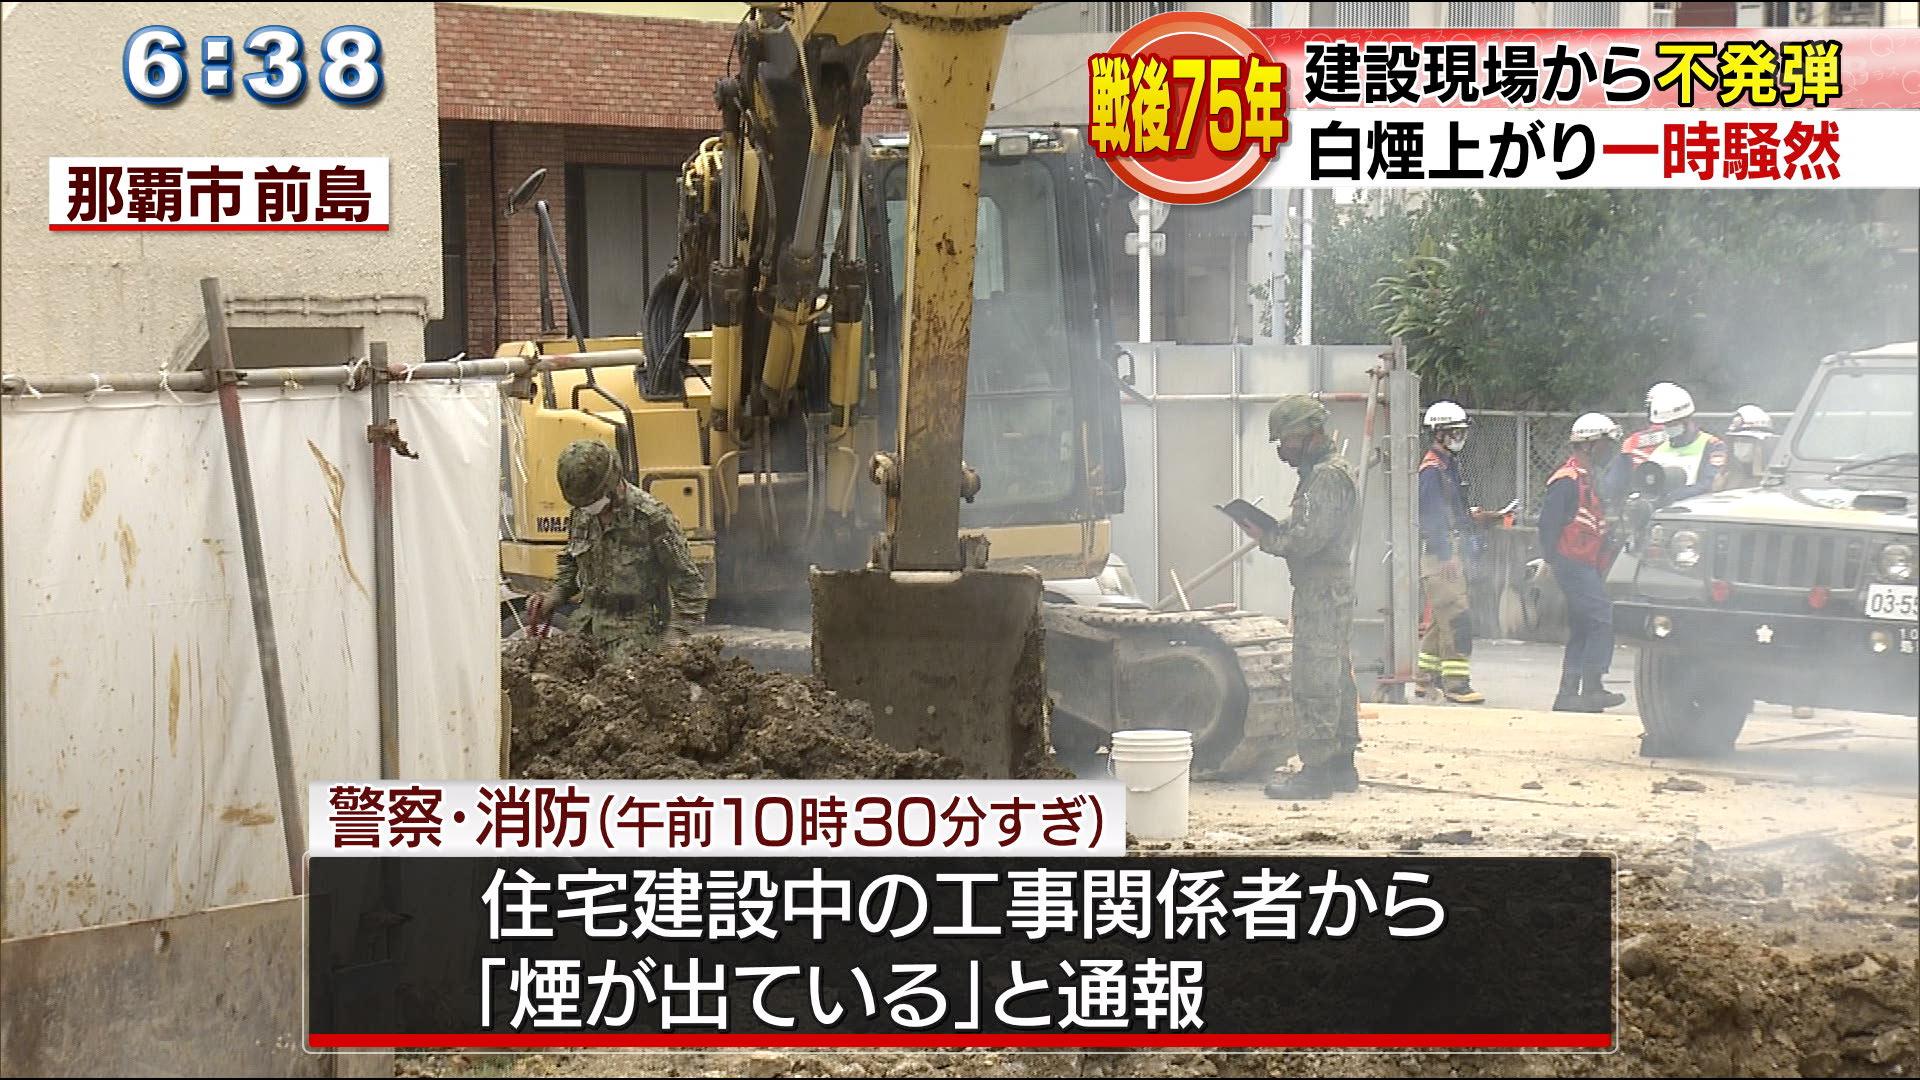 住宅建設現場で沖縄戦当時の不発弾から白煙